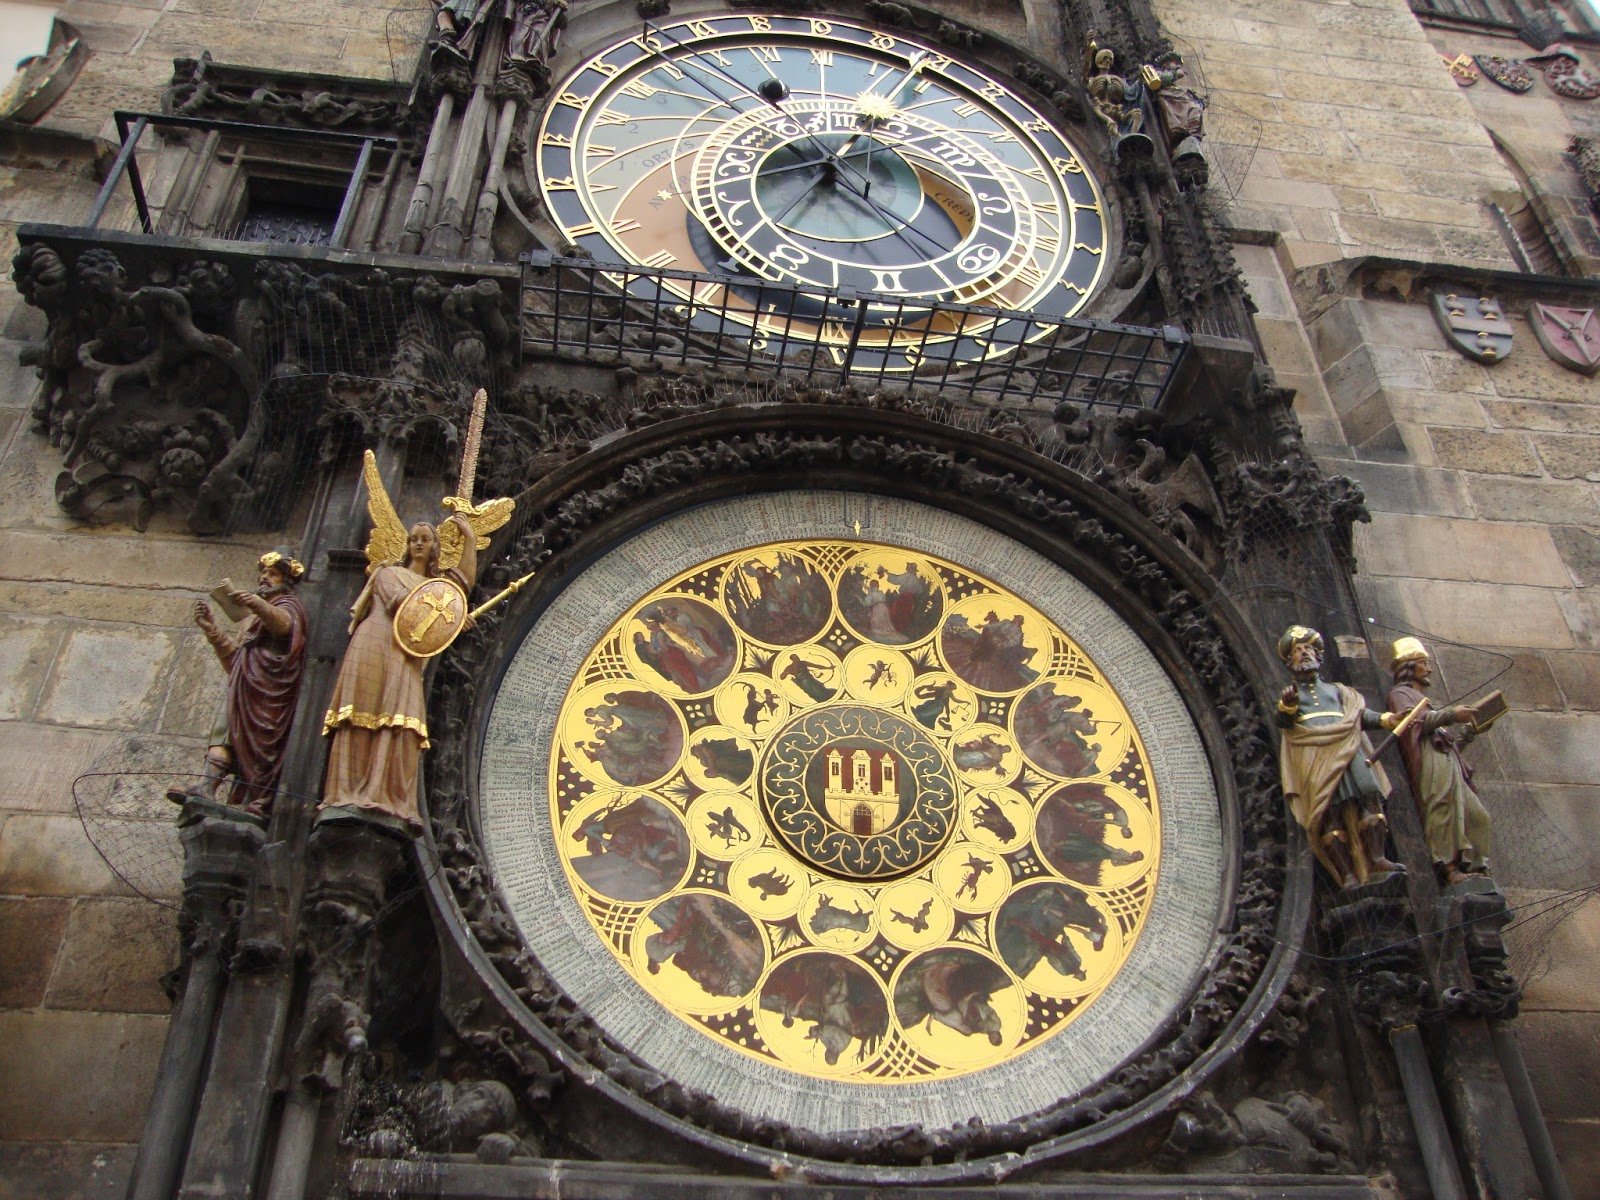 Clasamentul celor mai frumoase orologii din Europa